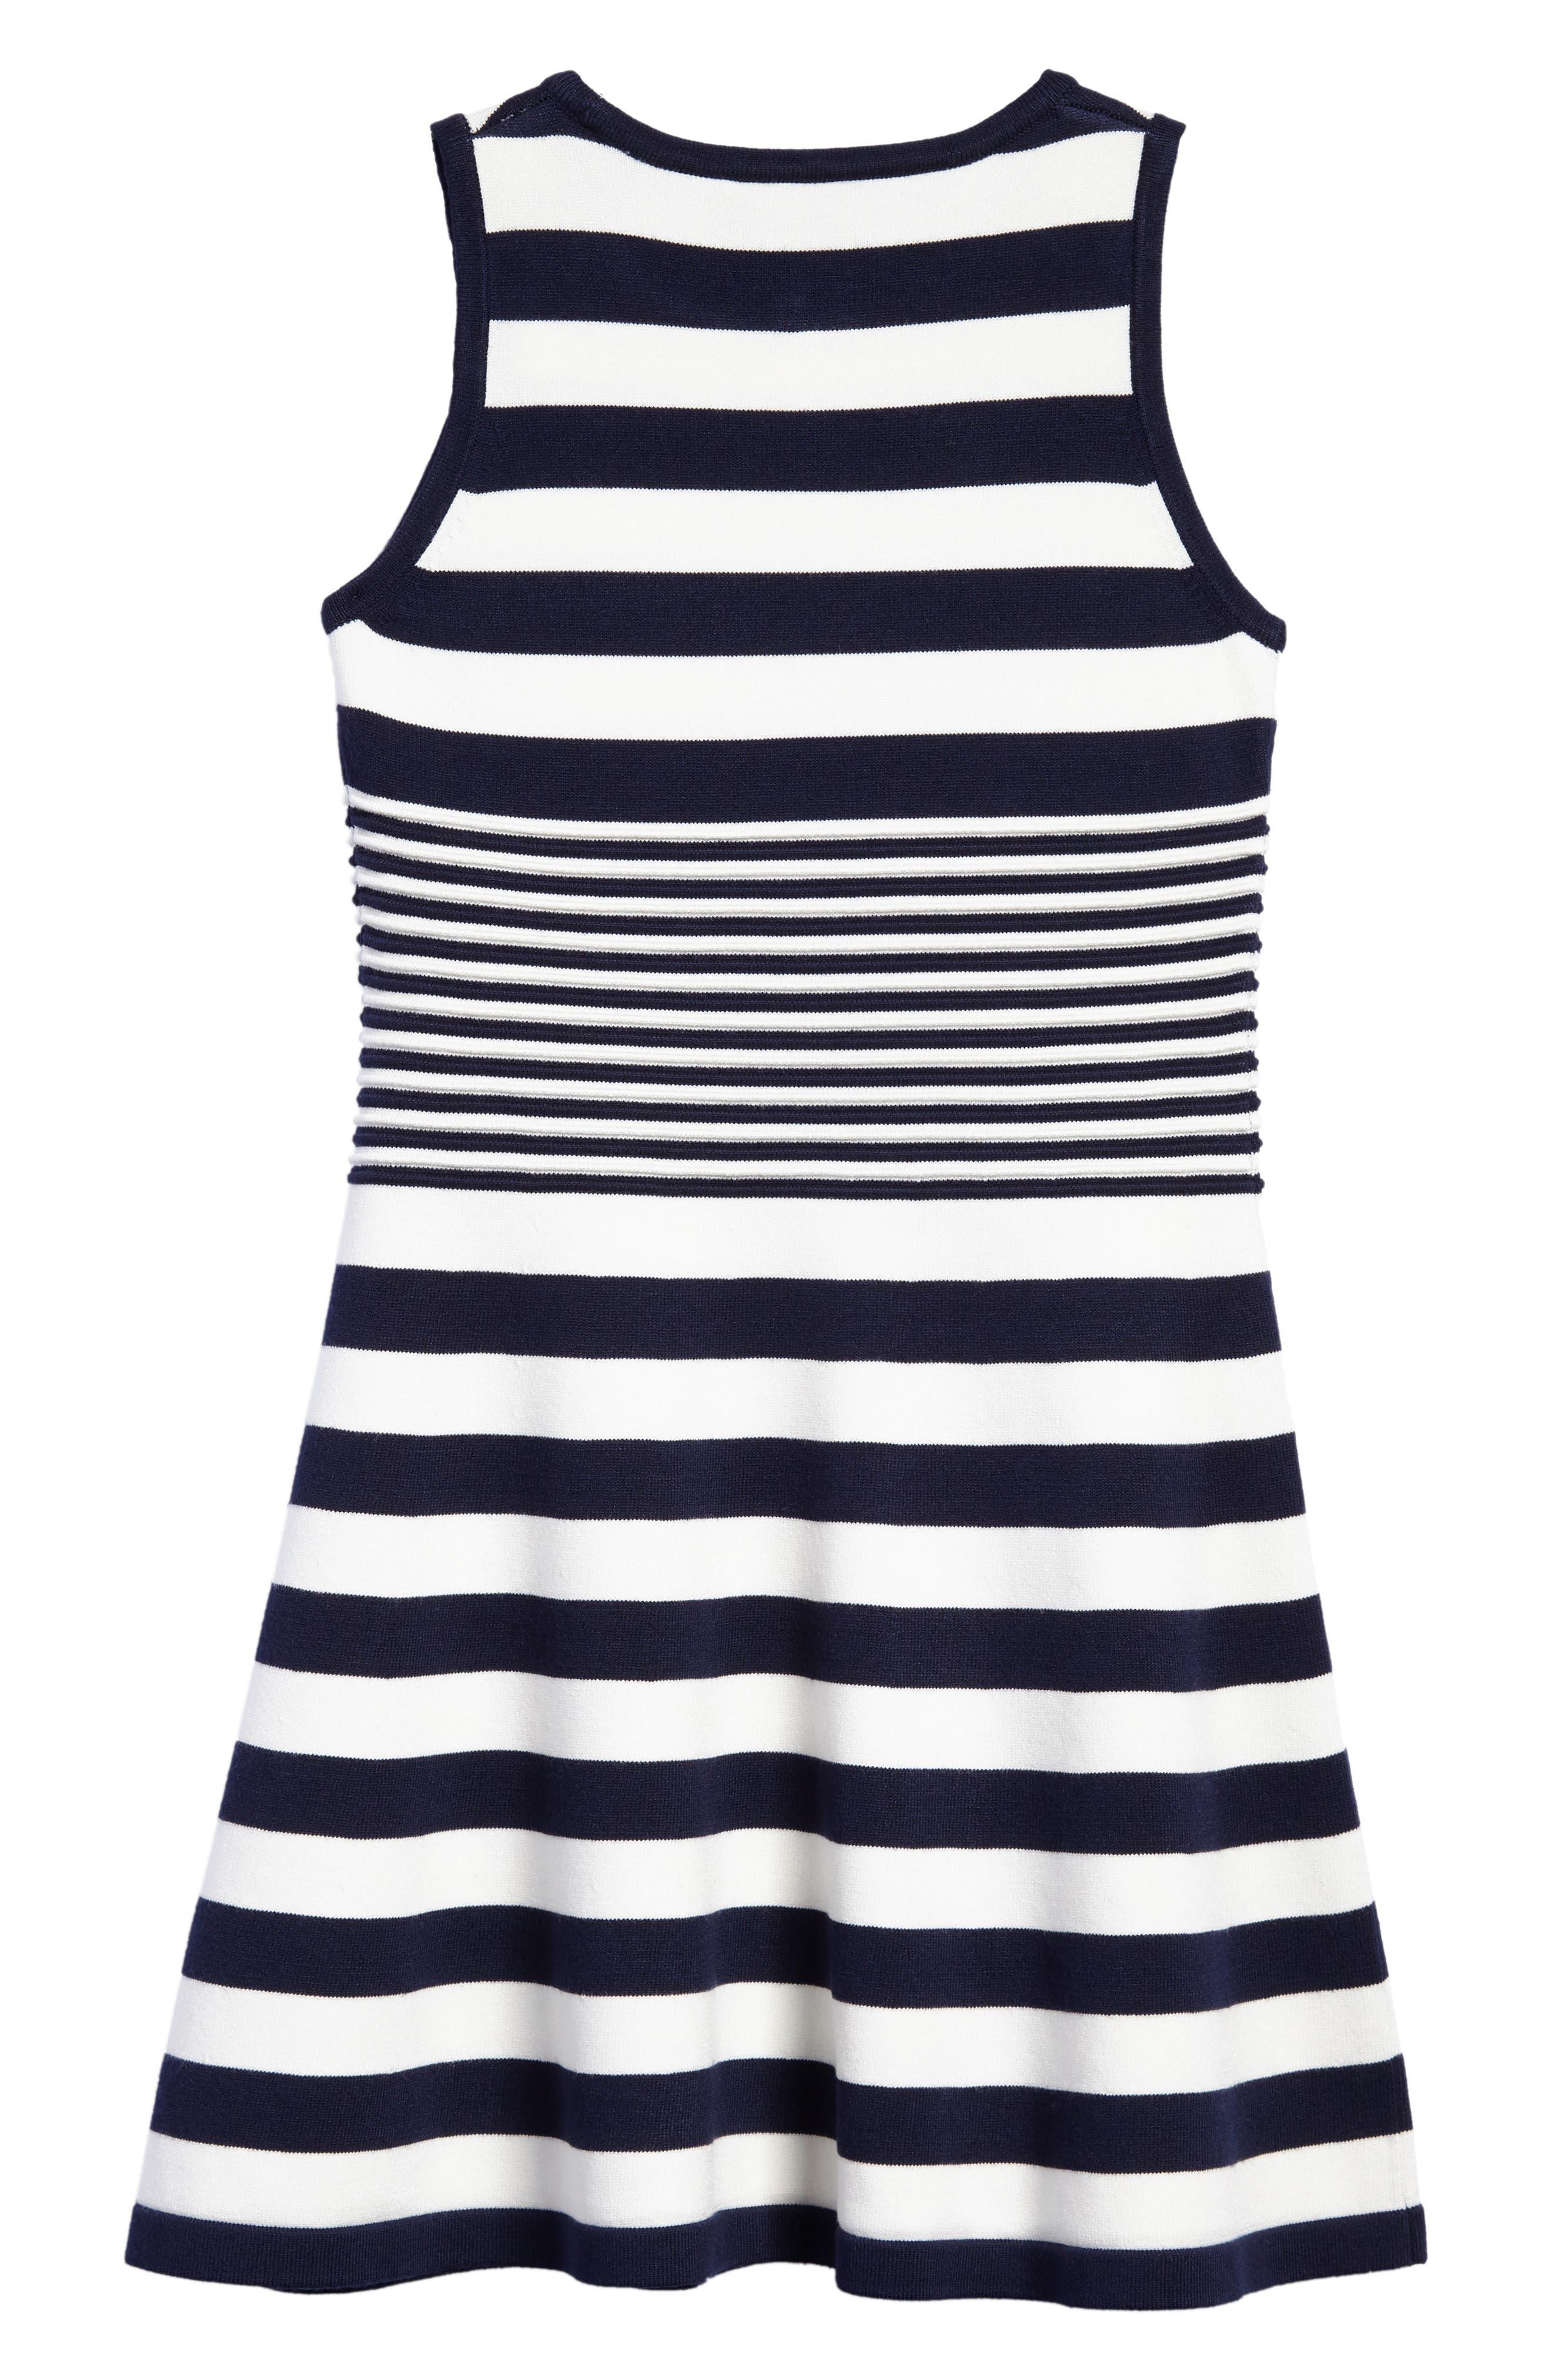 Stripe Sleeveless Dress,                             Alternate thumbnail 2, color,                             155